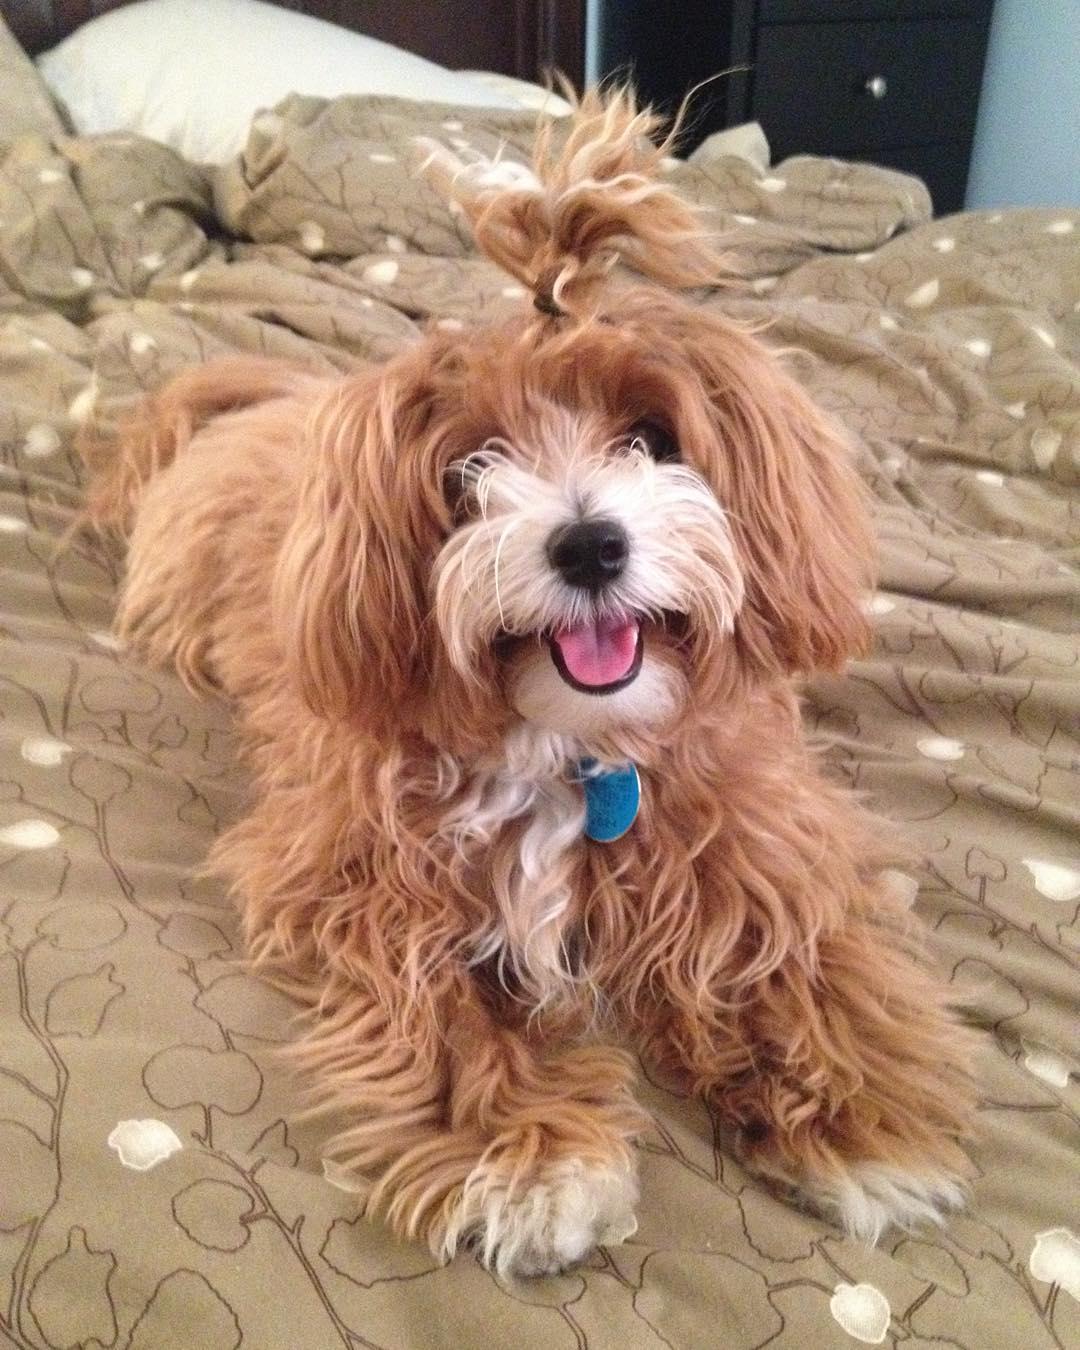 Dogbuns La Nueva Tendencia De Peinado Para Perros